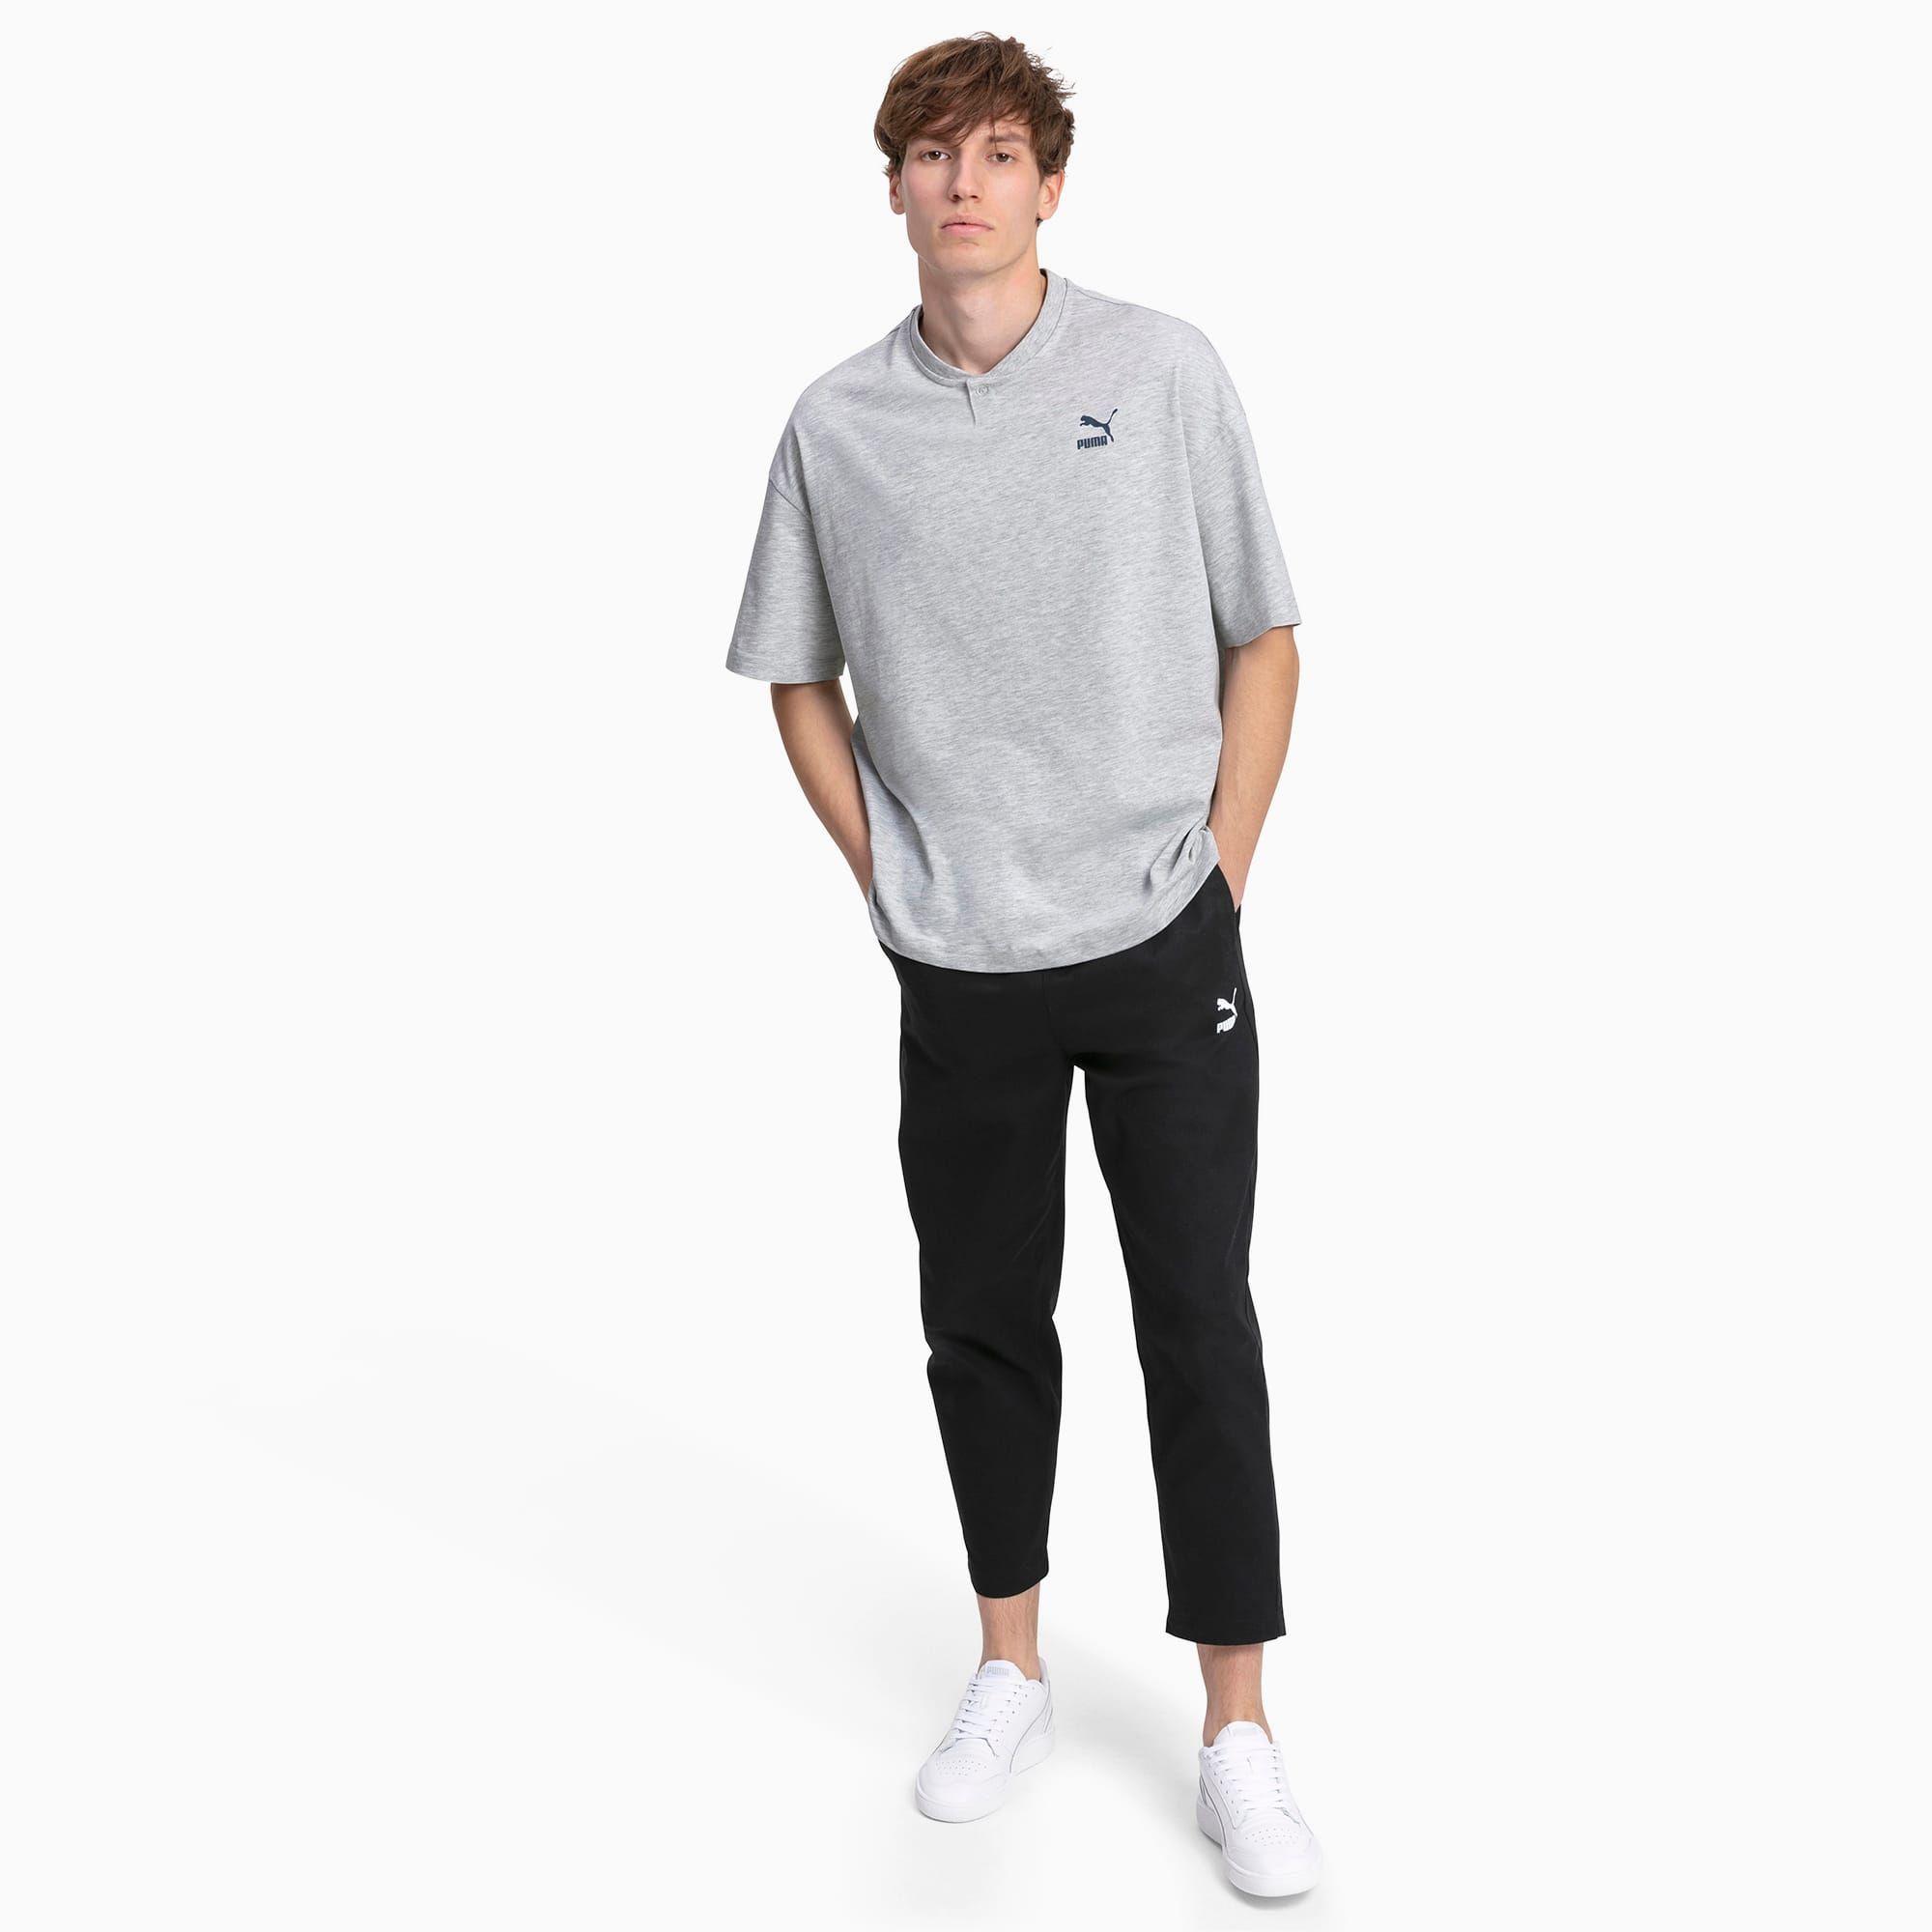 PUMA T-Shirt pour Homme, Gris/Bruyère, Taille XL, Vêtements ...